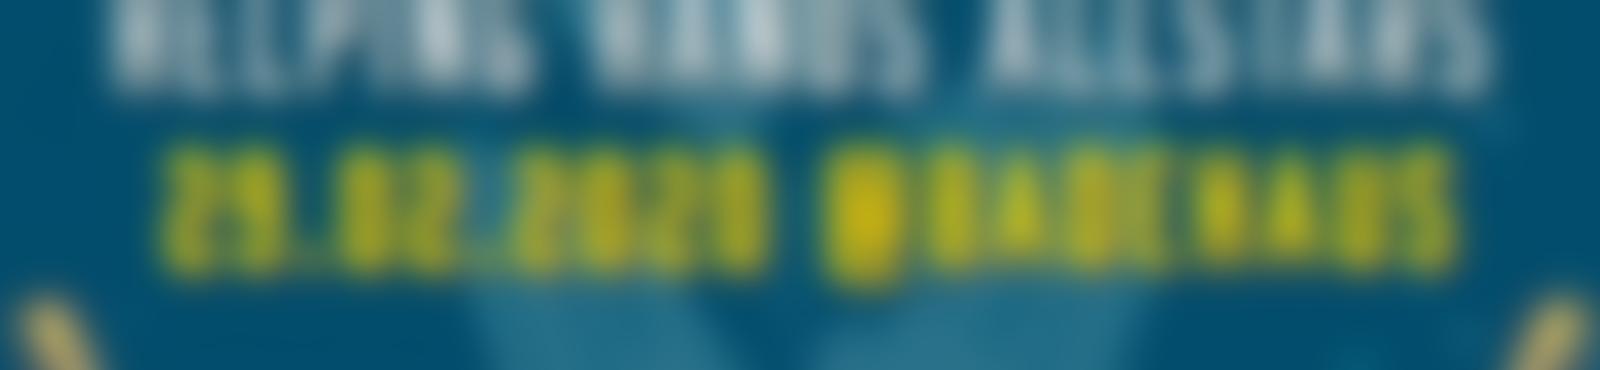 Blurred 990de38b f958 402c a73f ba7e2559340a